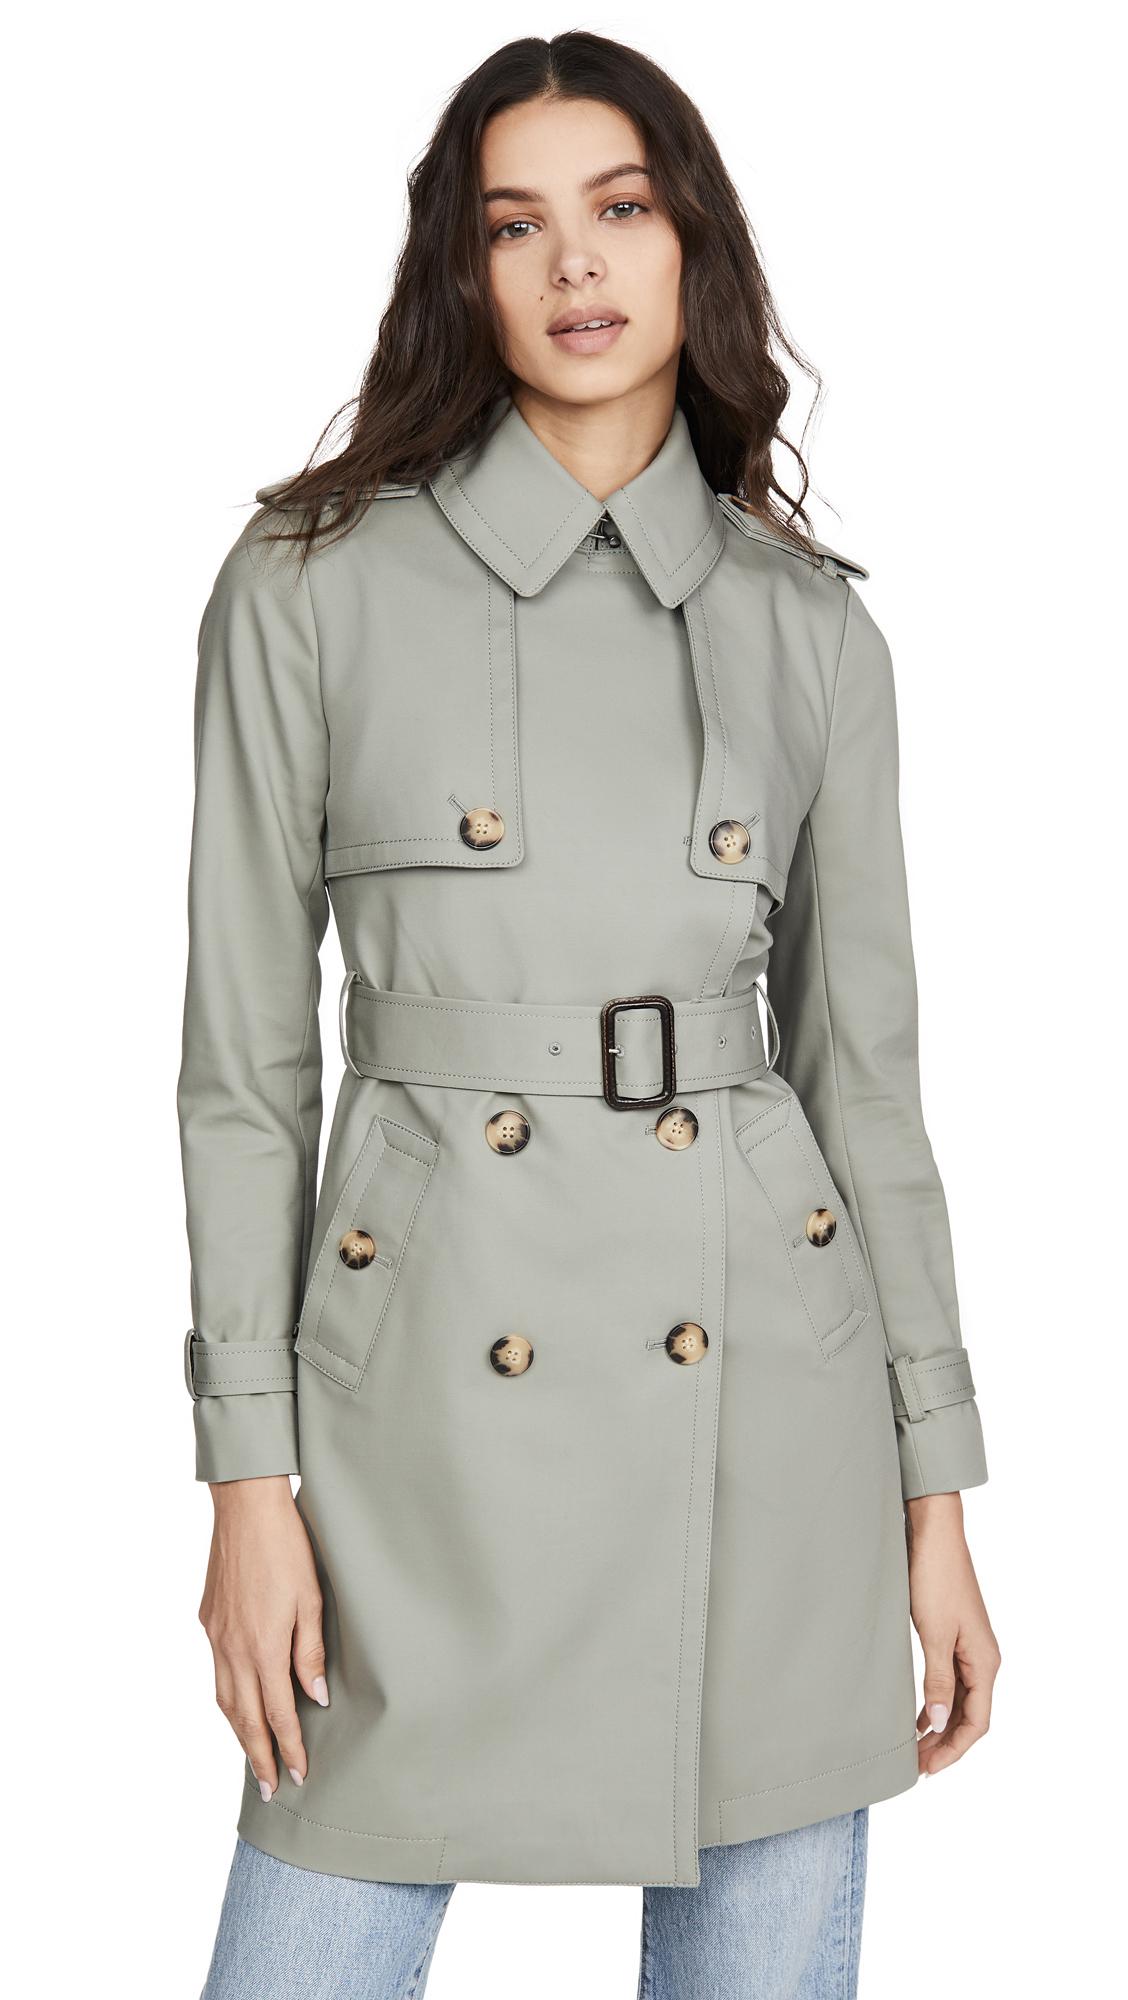 Buy Club Monaco Matie Trench Jacket online beautiful Club Monaco Jackets, Coats, Trench Coats